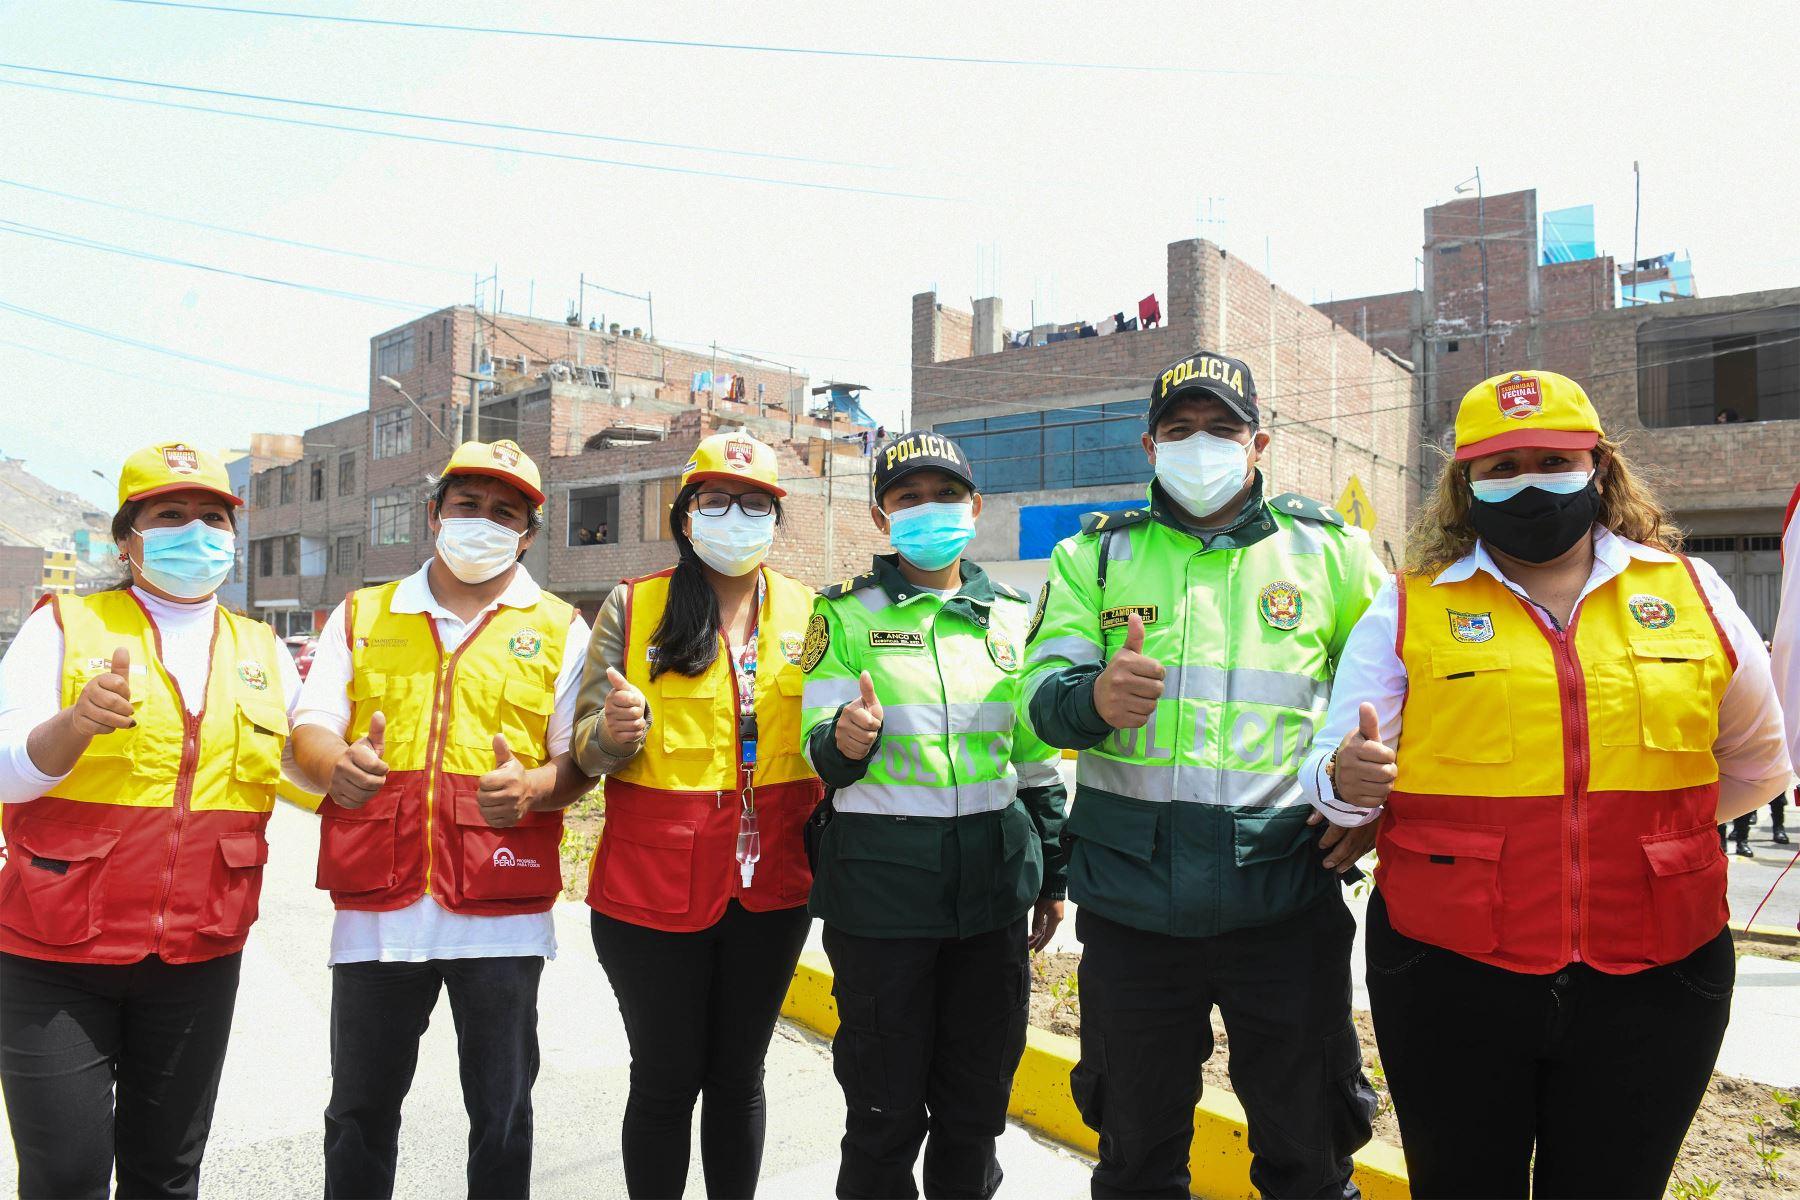 Viceministra Gabriela Paliza destacó que también se impulsará labor comunitaria con las juntas vecinales. Foto: Mininter.